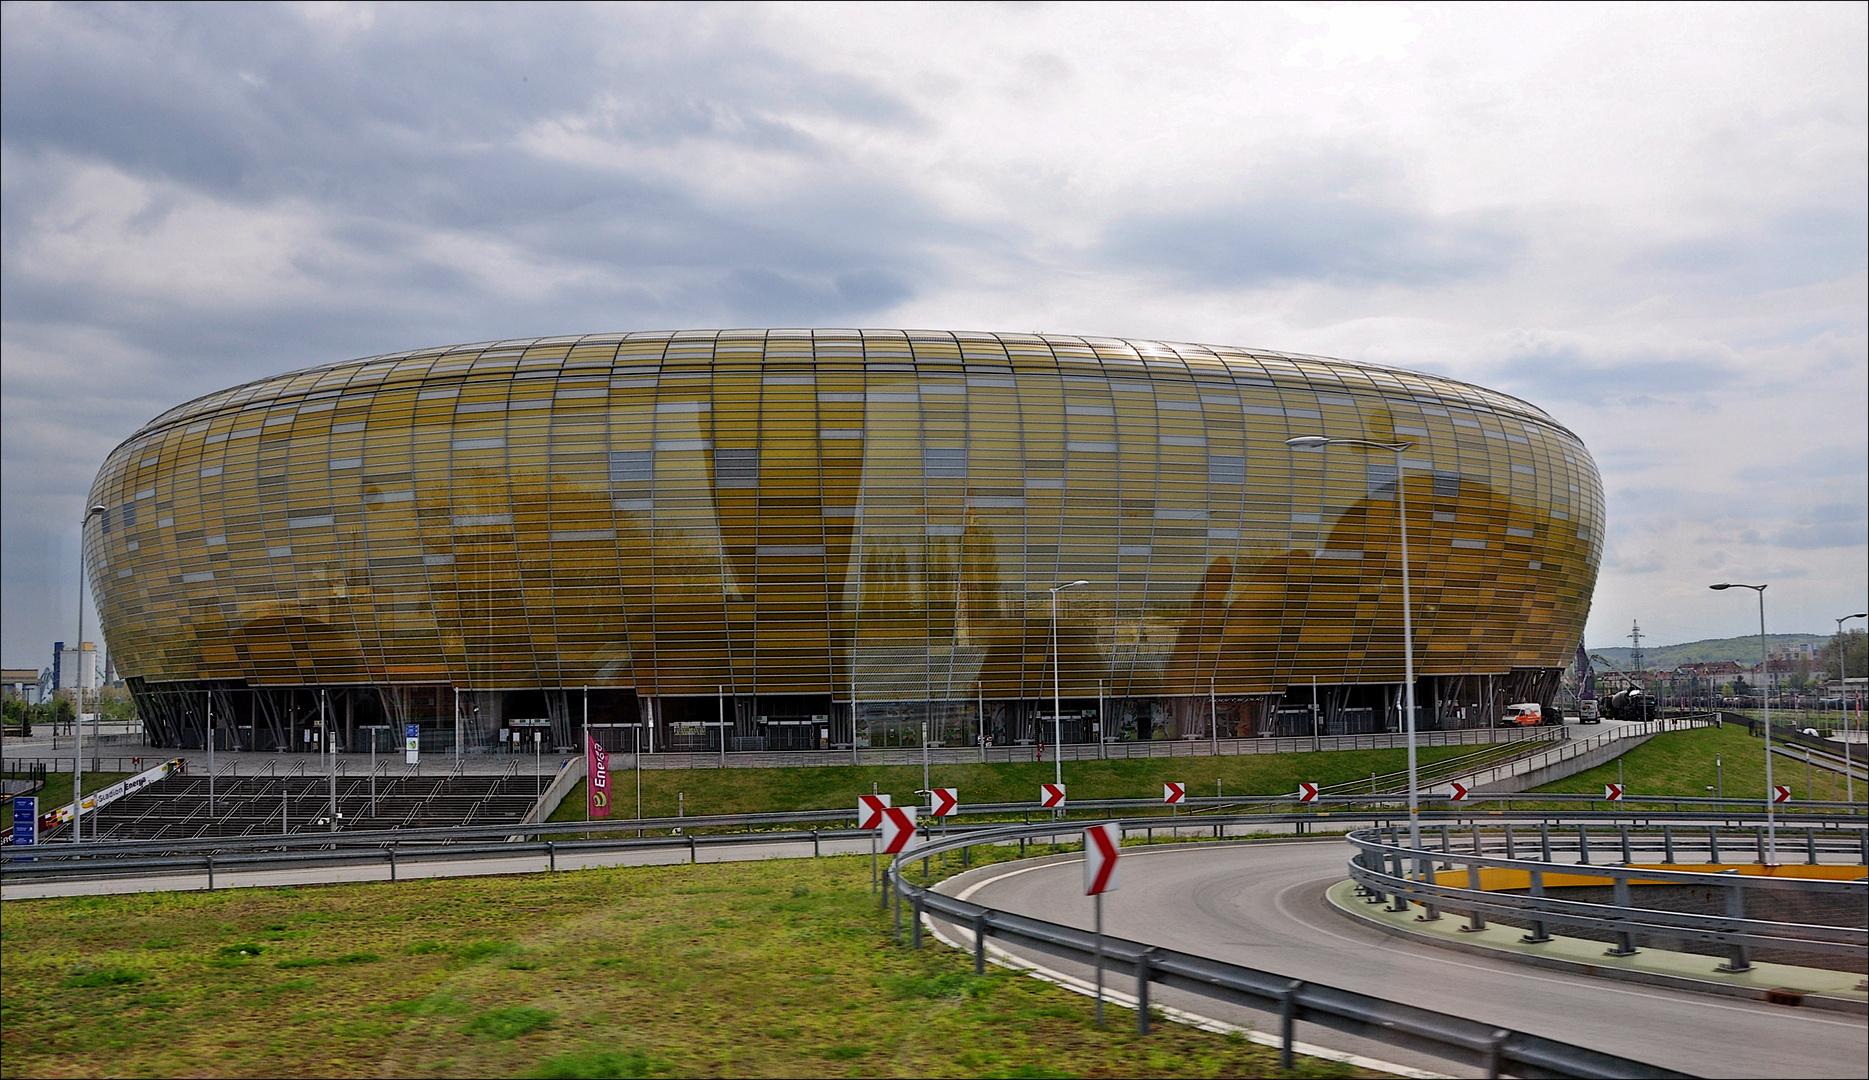 Bernstein-Stadion